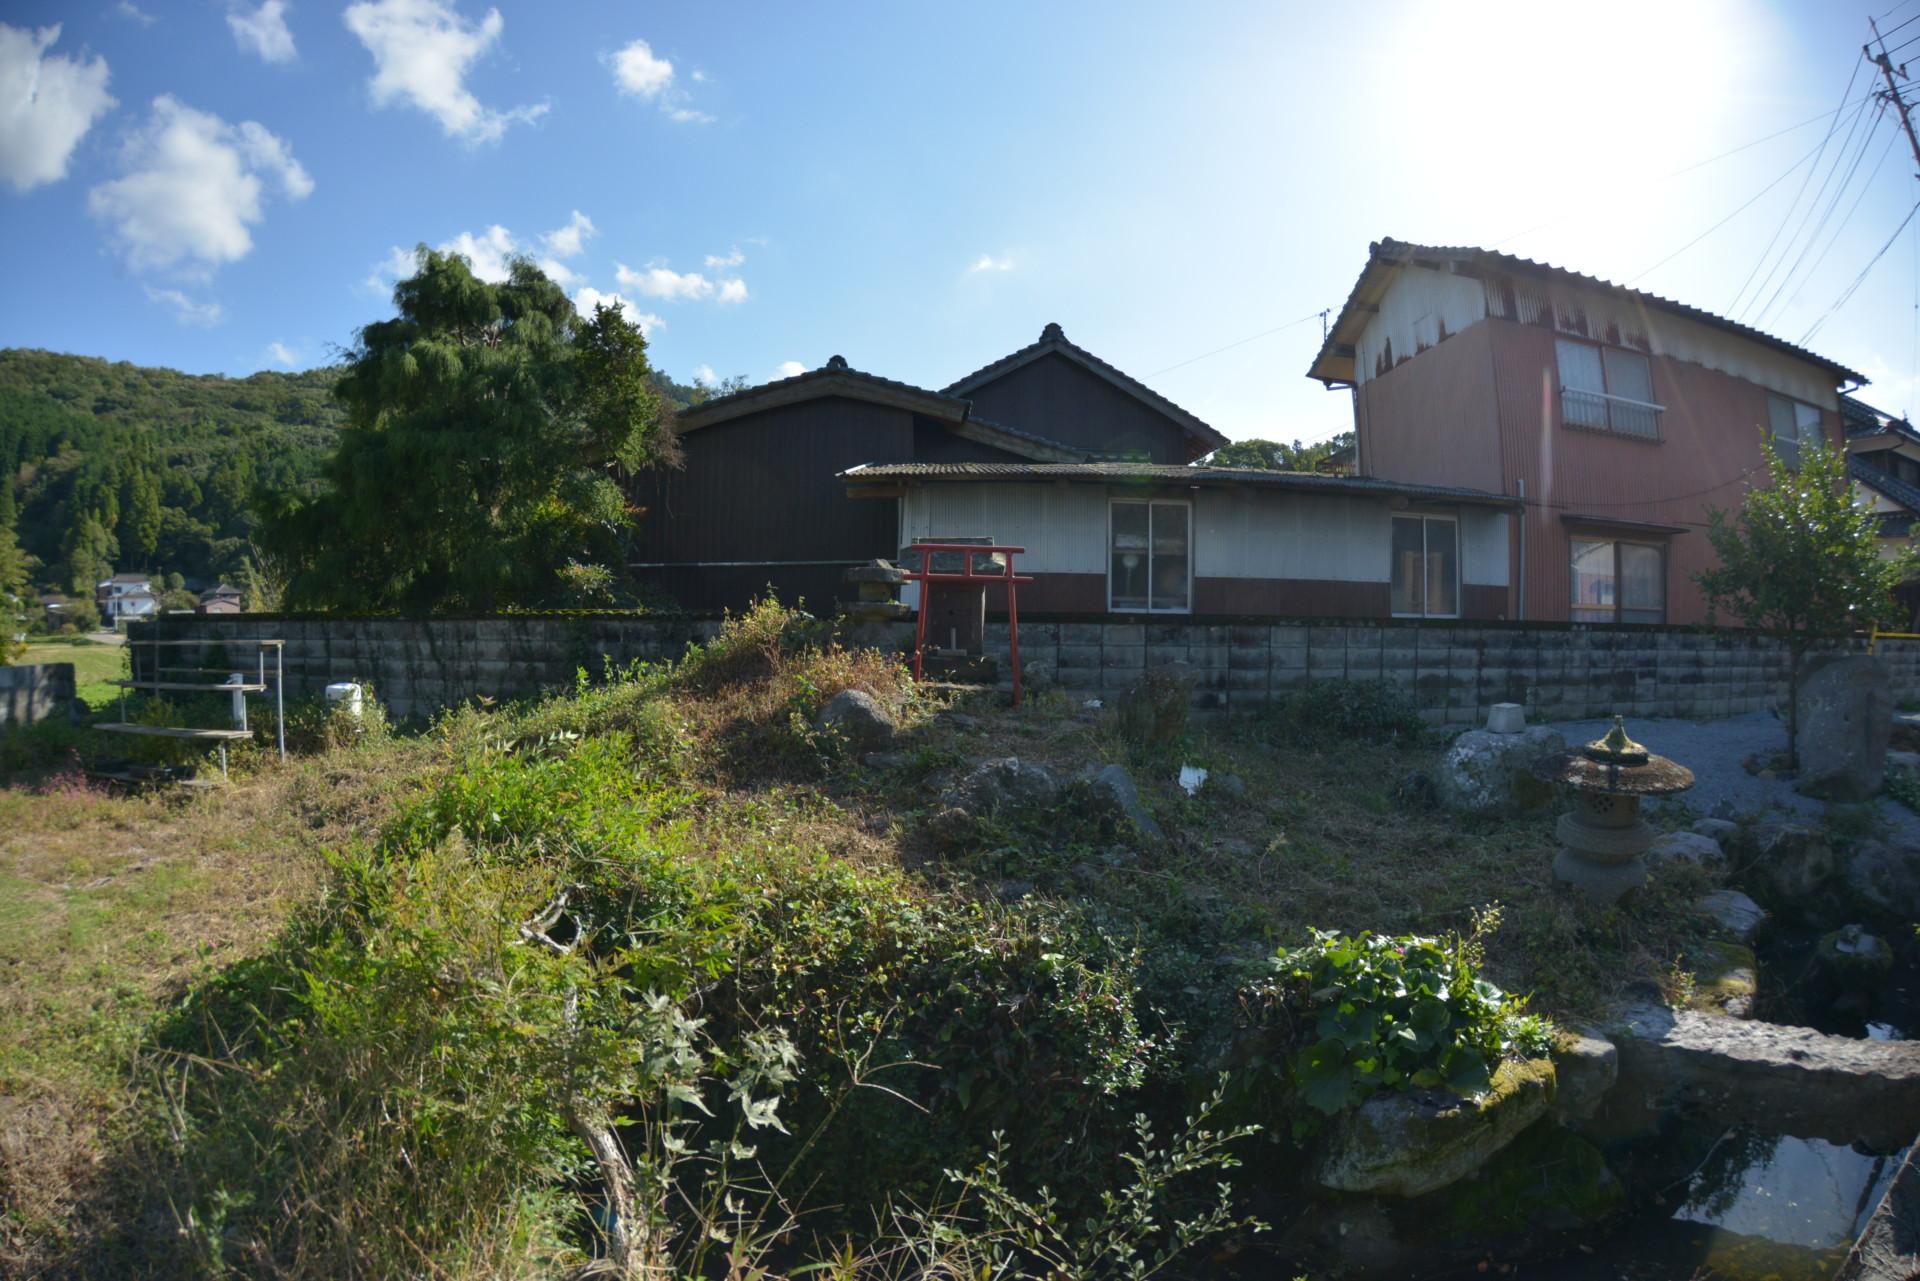 映画の美術スタッフとして全国を飛び回る多忙な生活から一転。たどり着いた豊後高田での田舎暮らし。